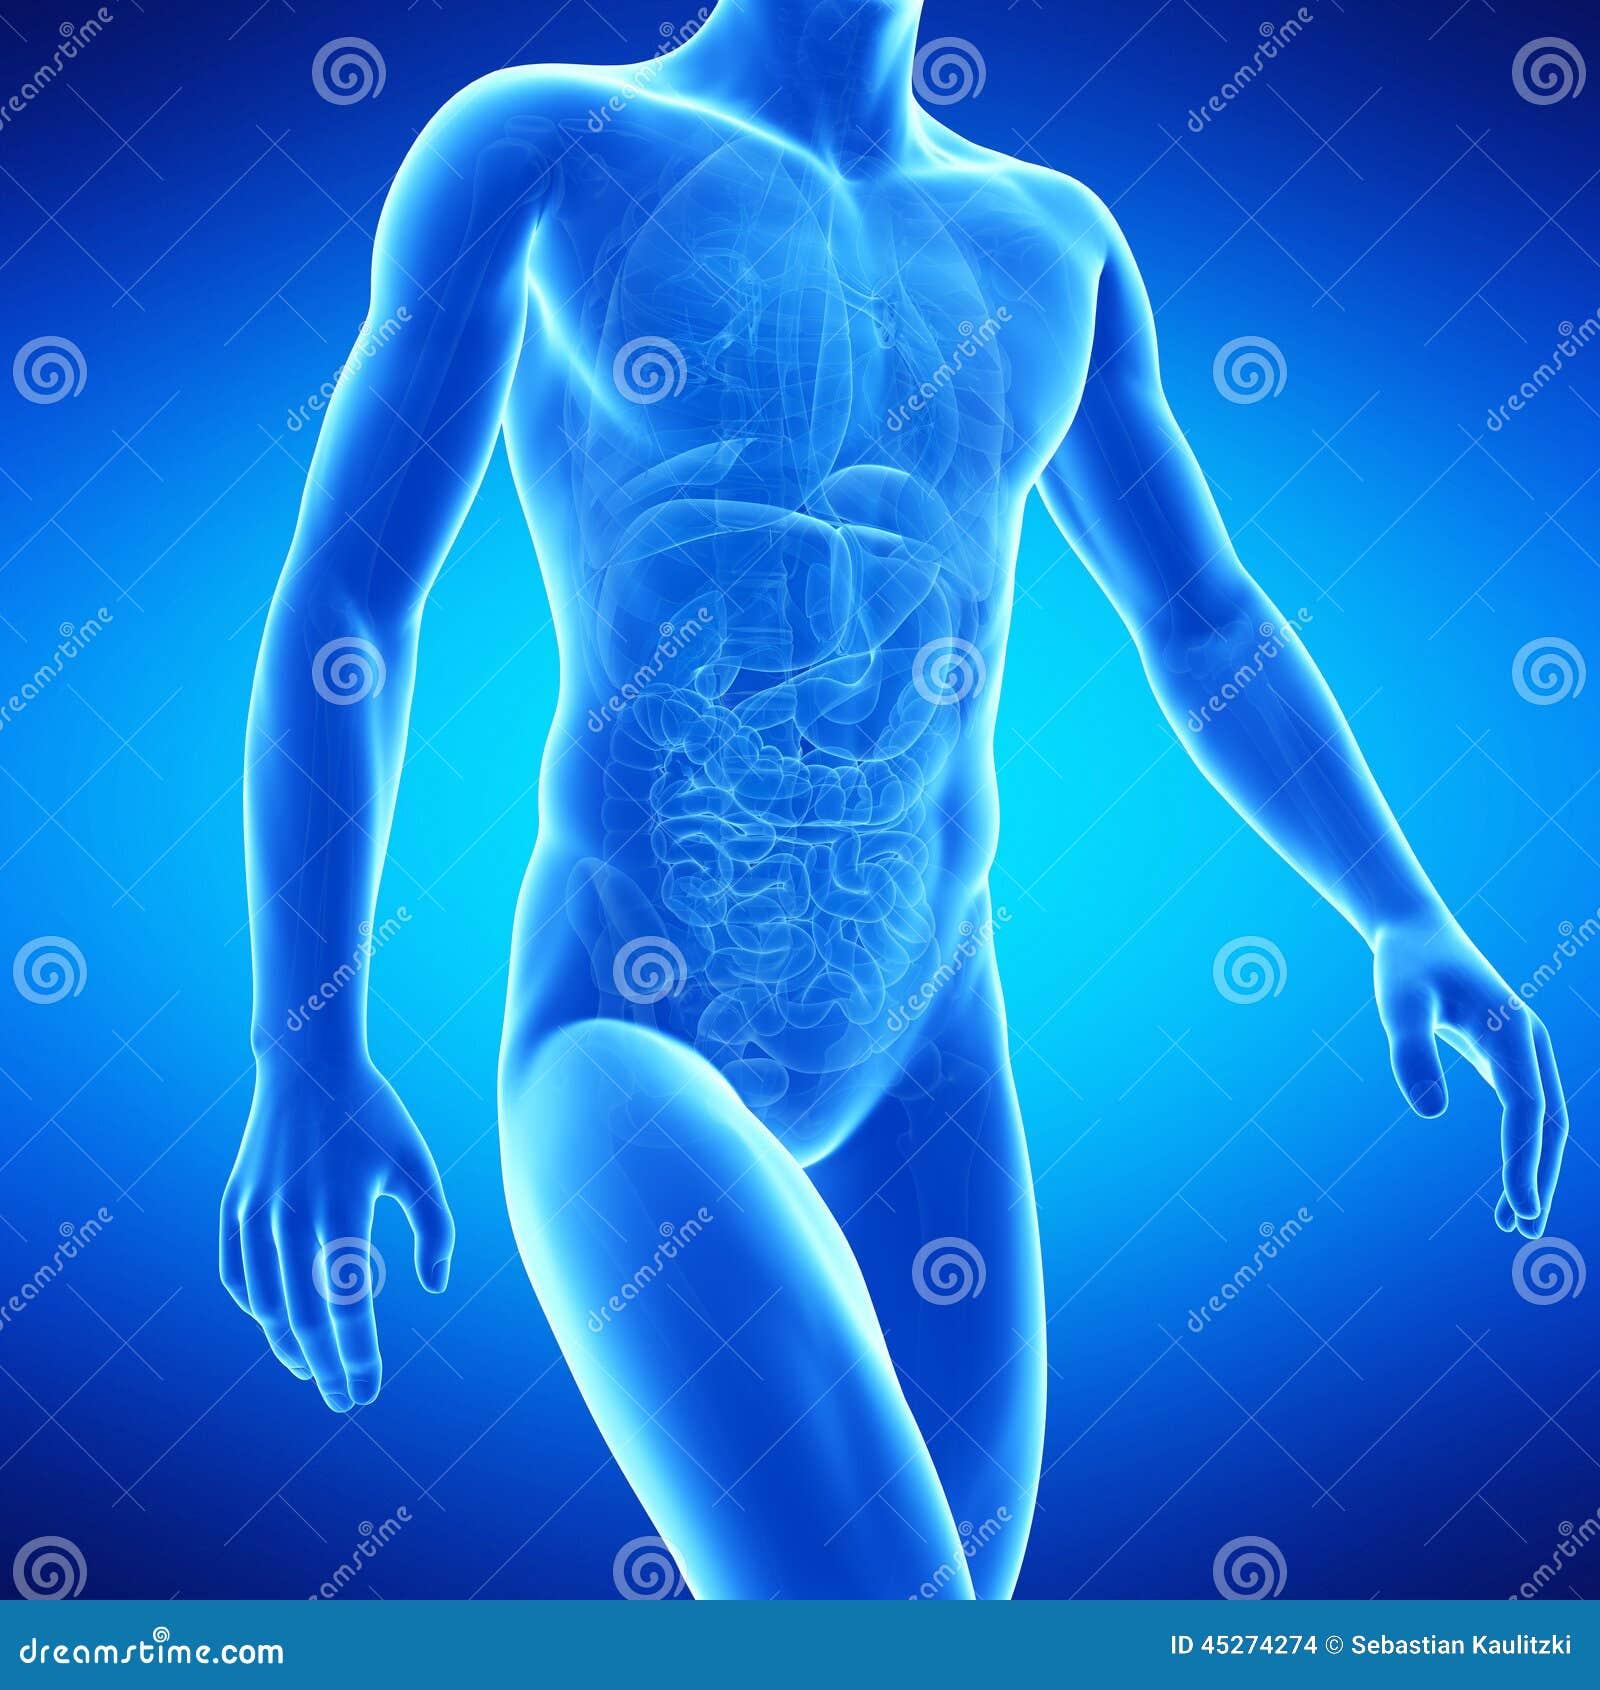 Die menschliche Anatomie stock abbildung. Illustration von graphik ...